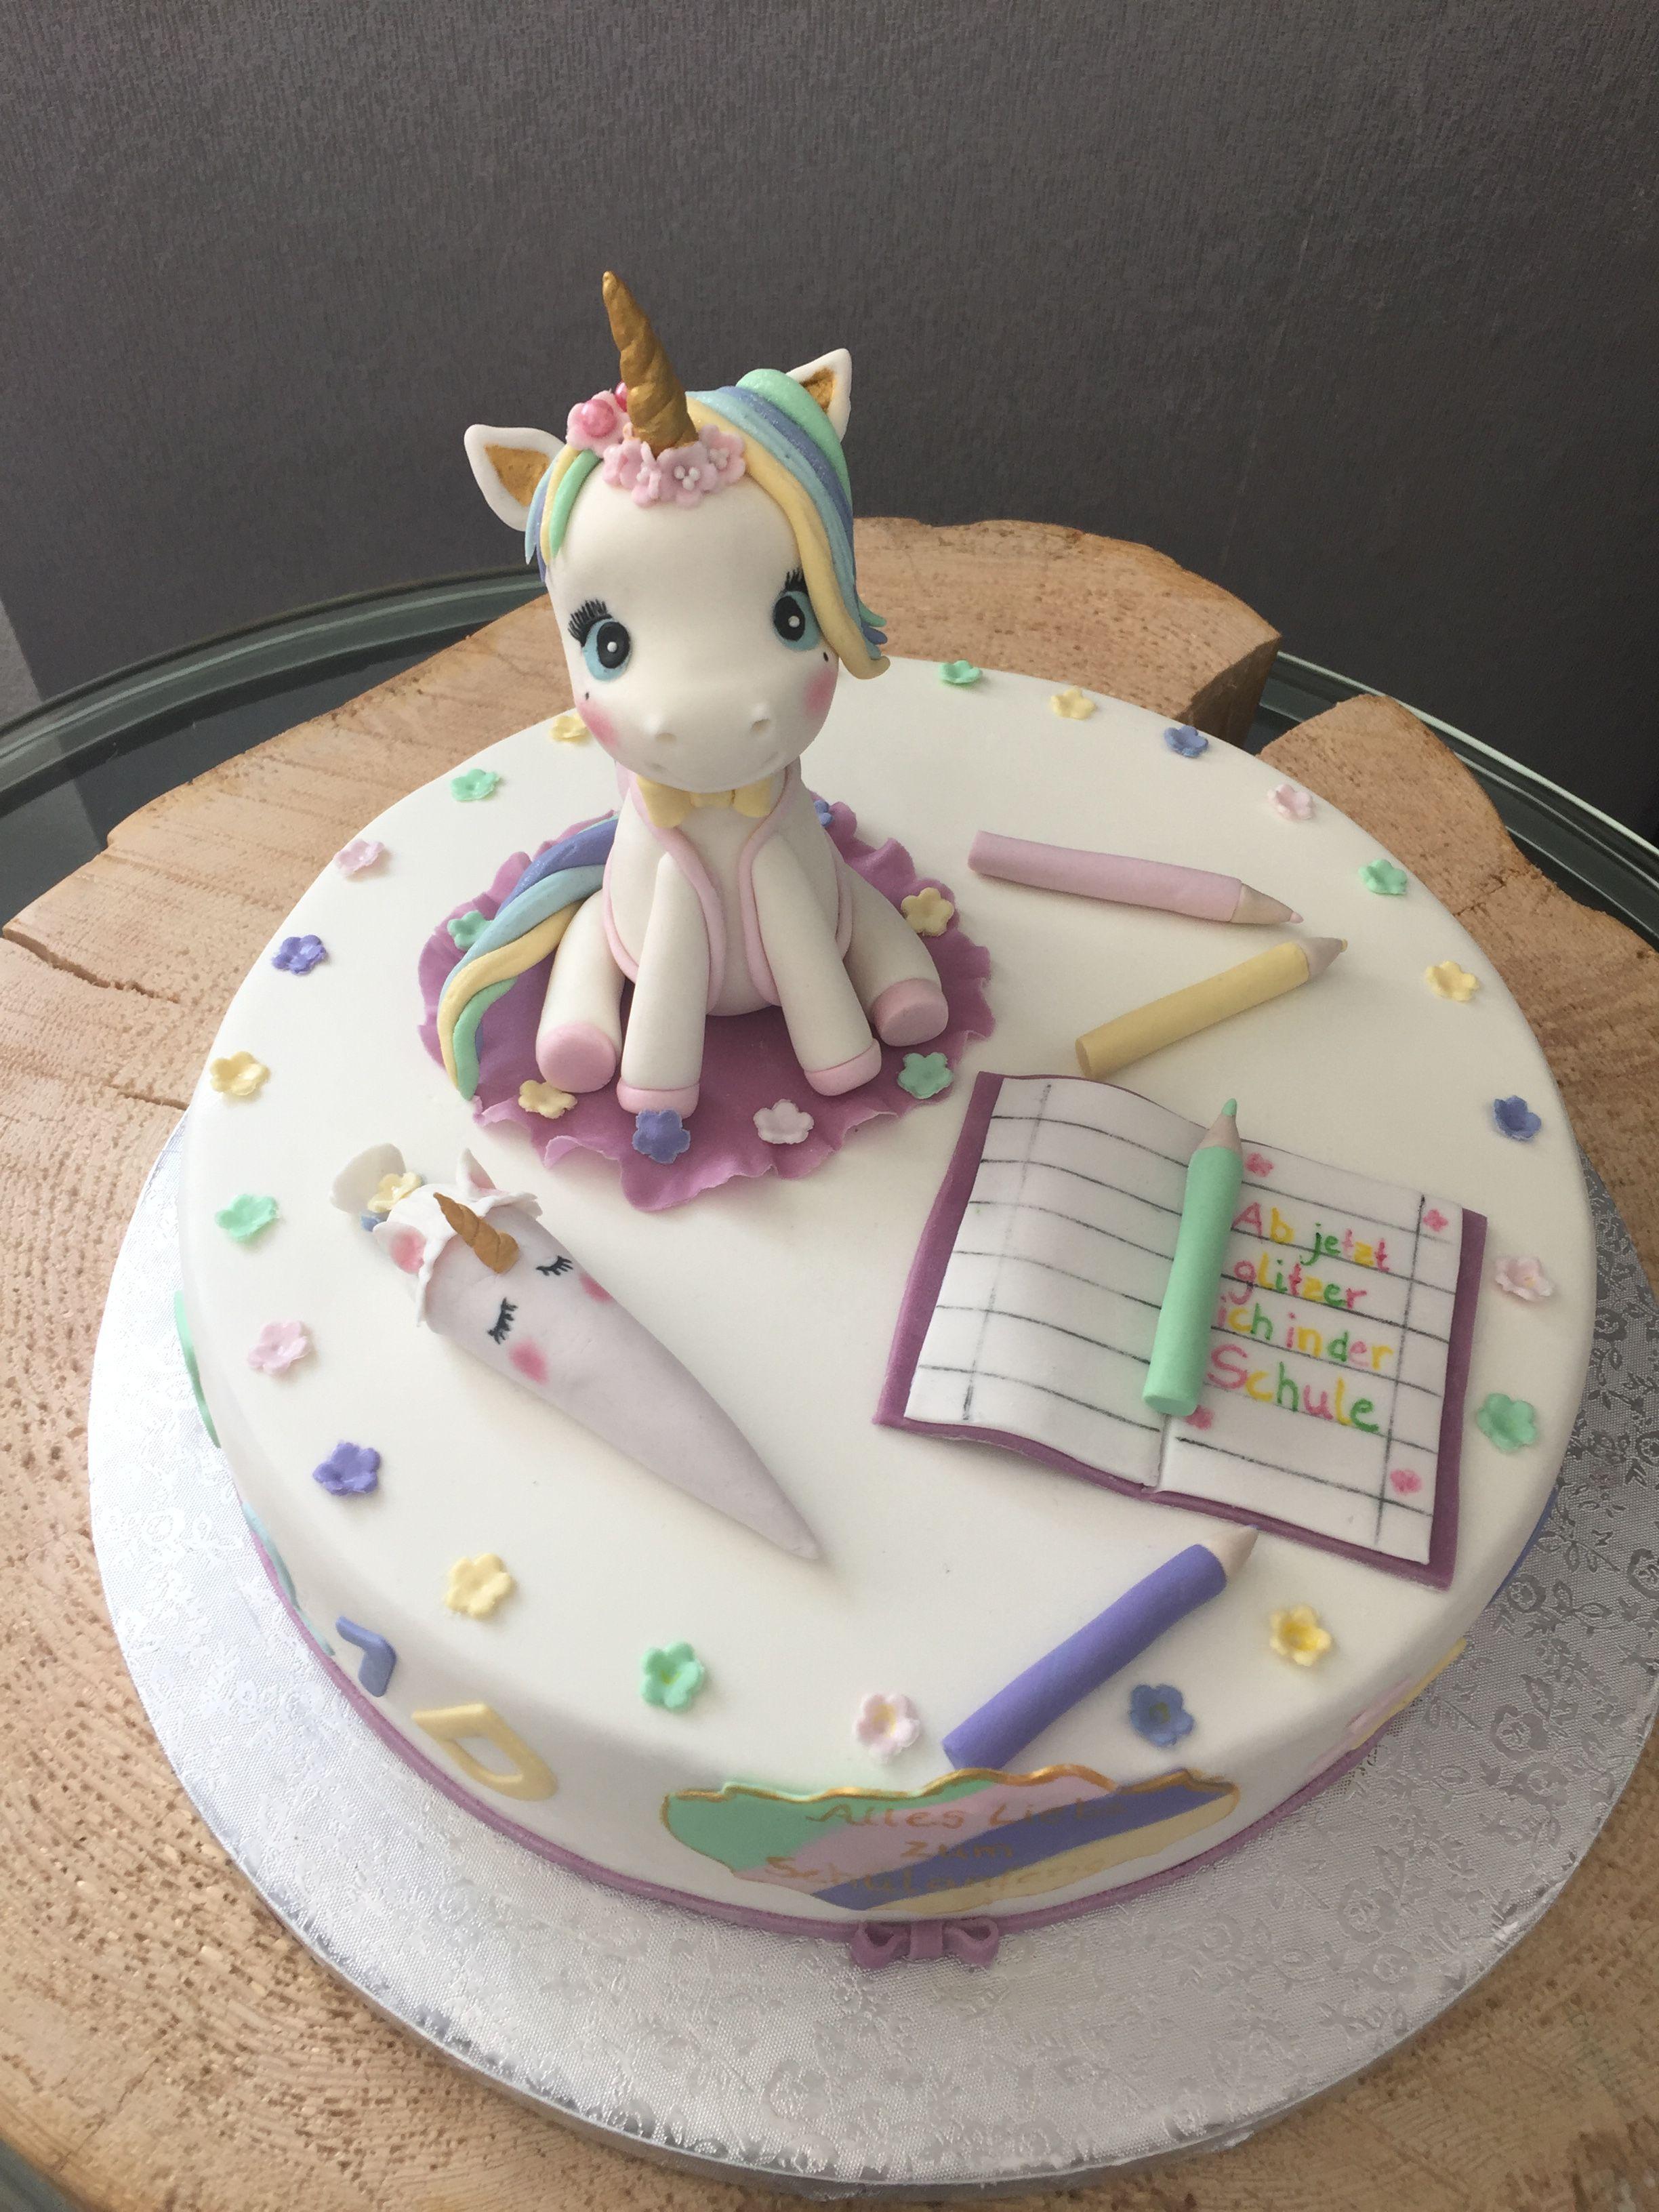 Einhorn Torte Einschulung Torte Einschulung Kuchen Einschulung Torte Schulanfang